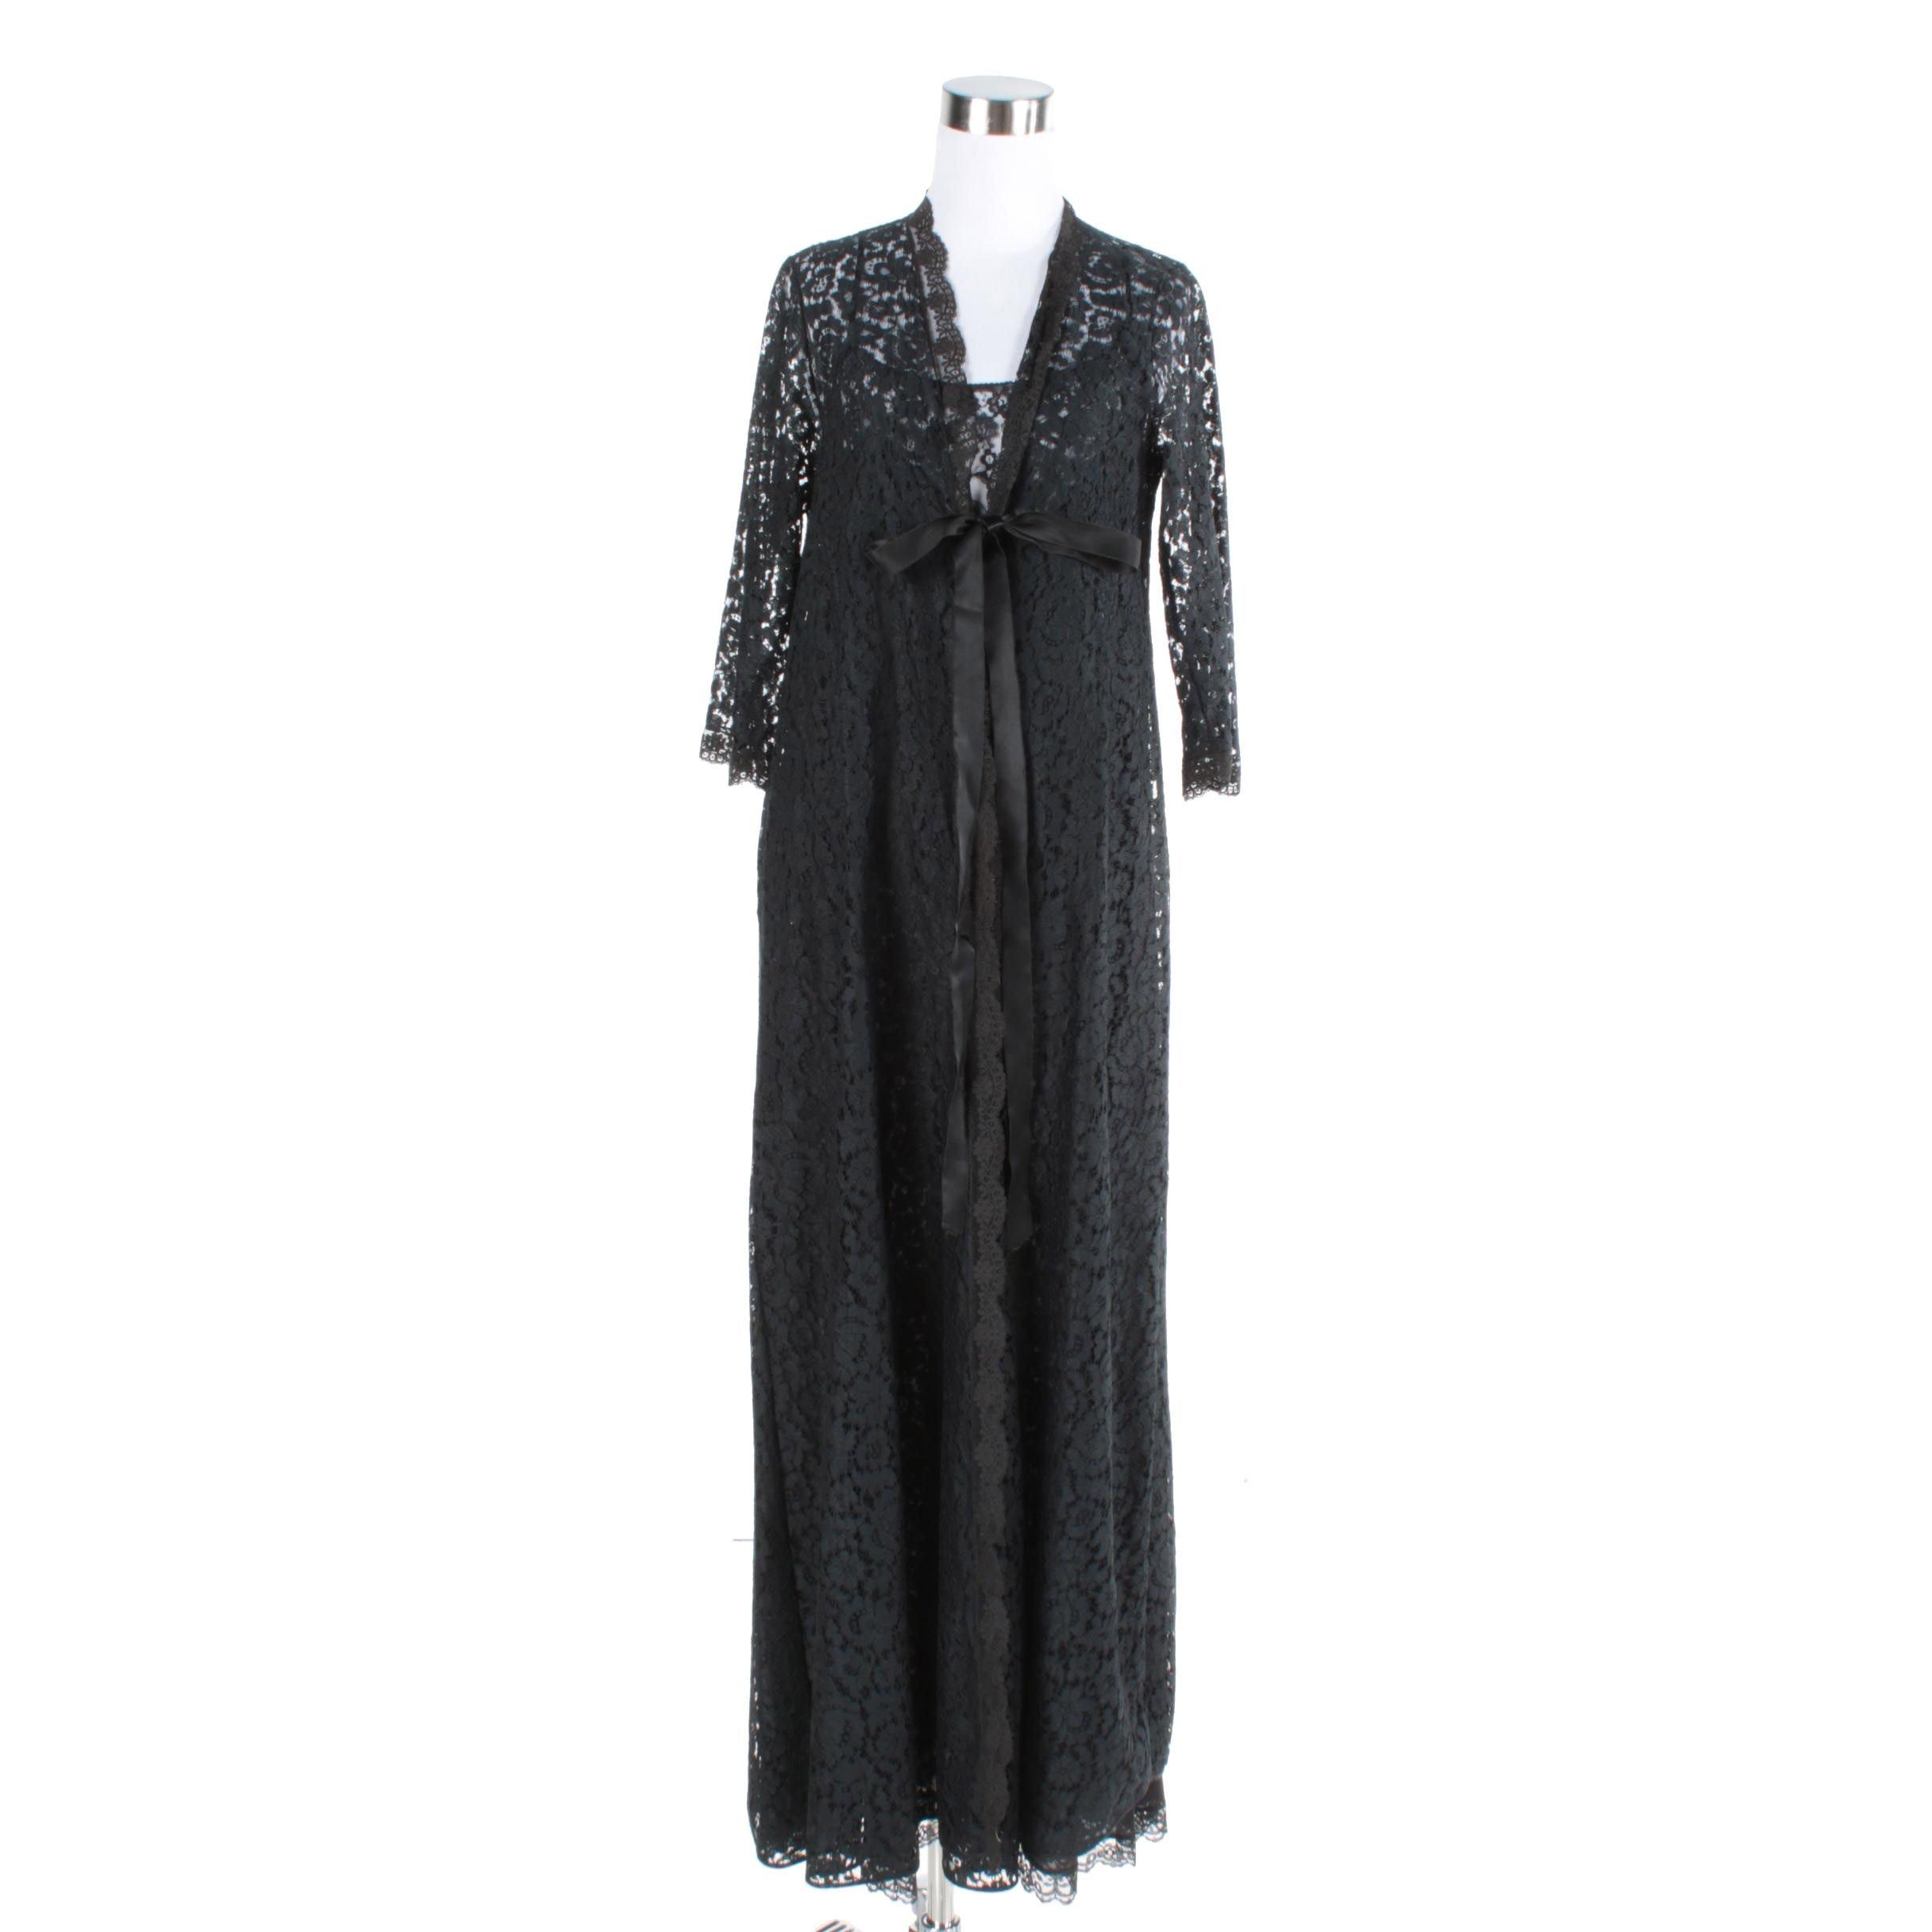 1960s Lucie Ann Black Lace Peignoir